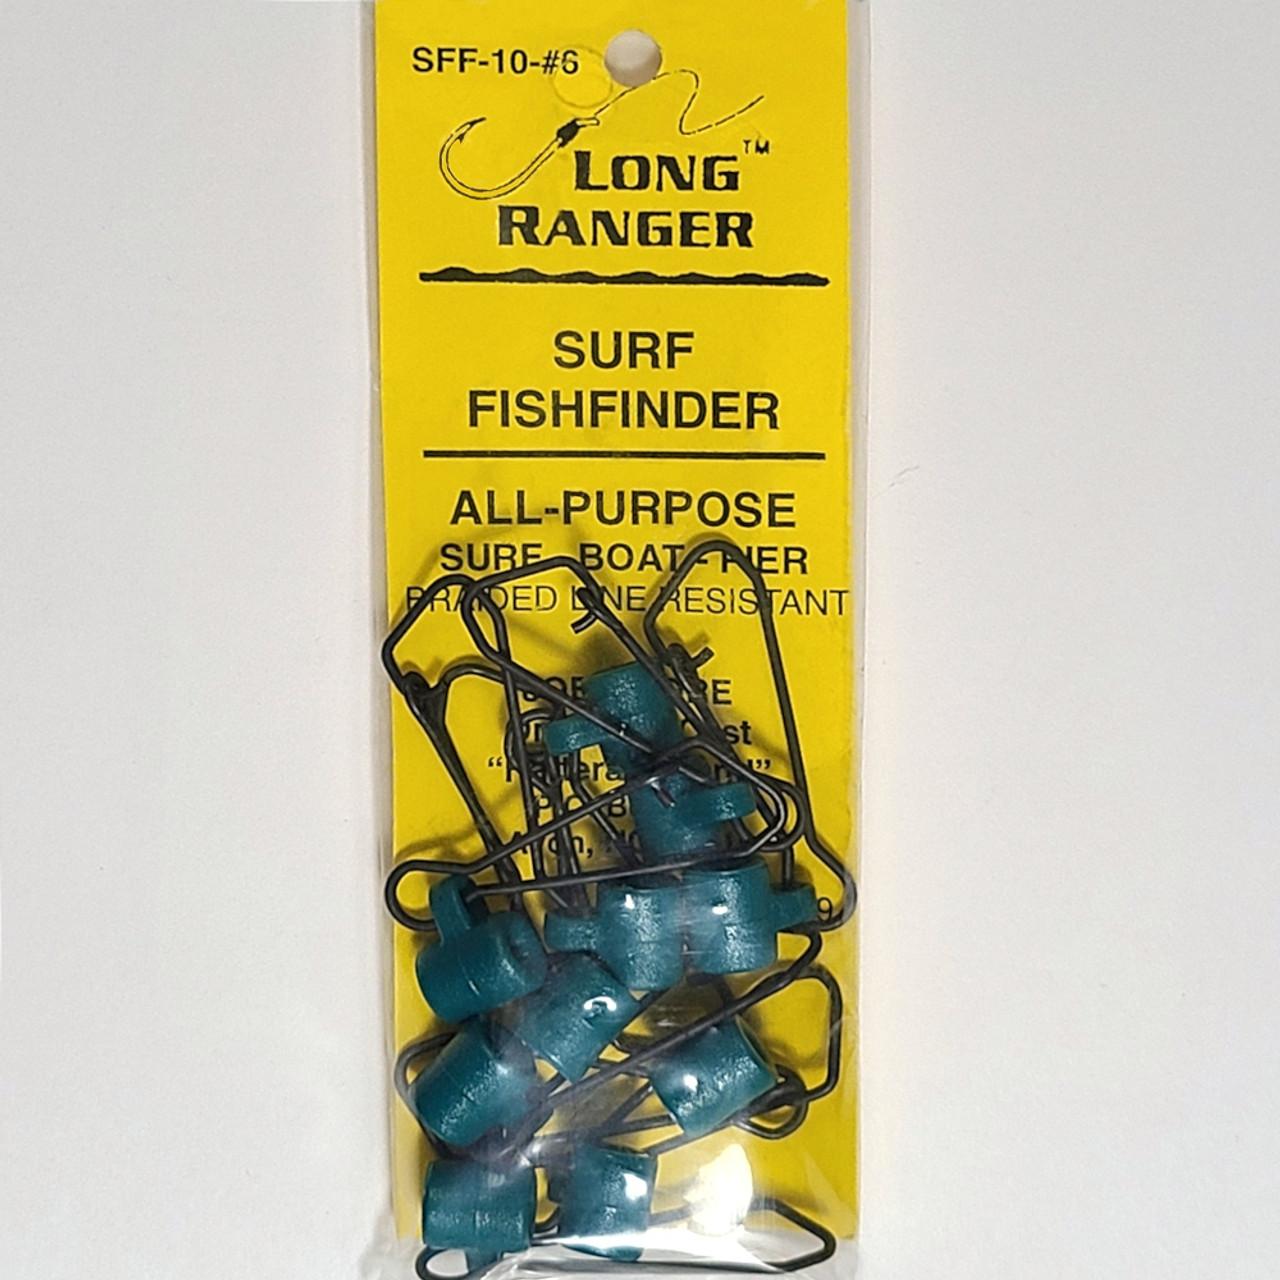 One More Cast - Surf Fishfinder #6 10 Pack